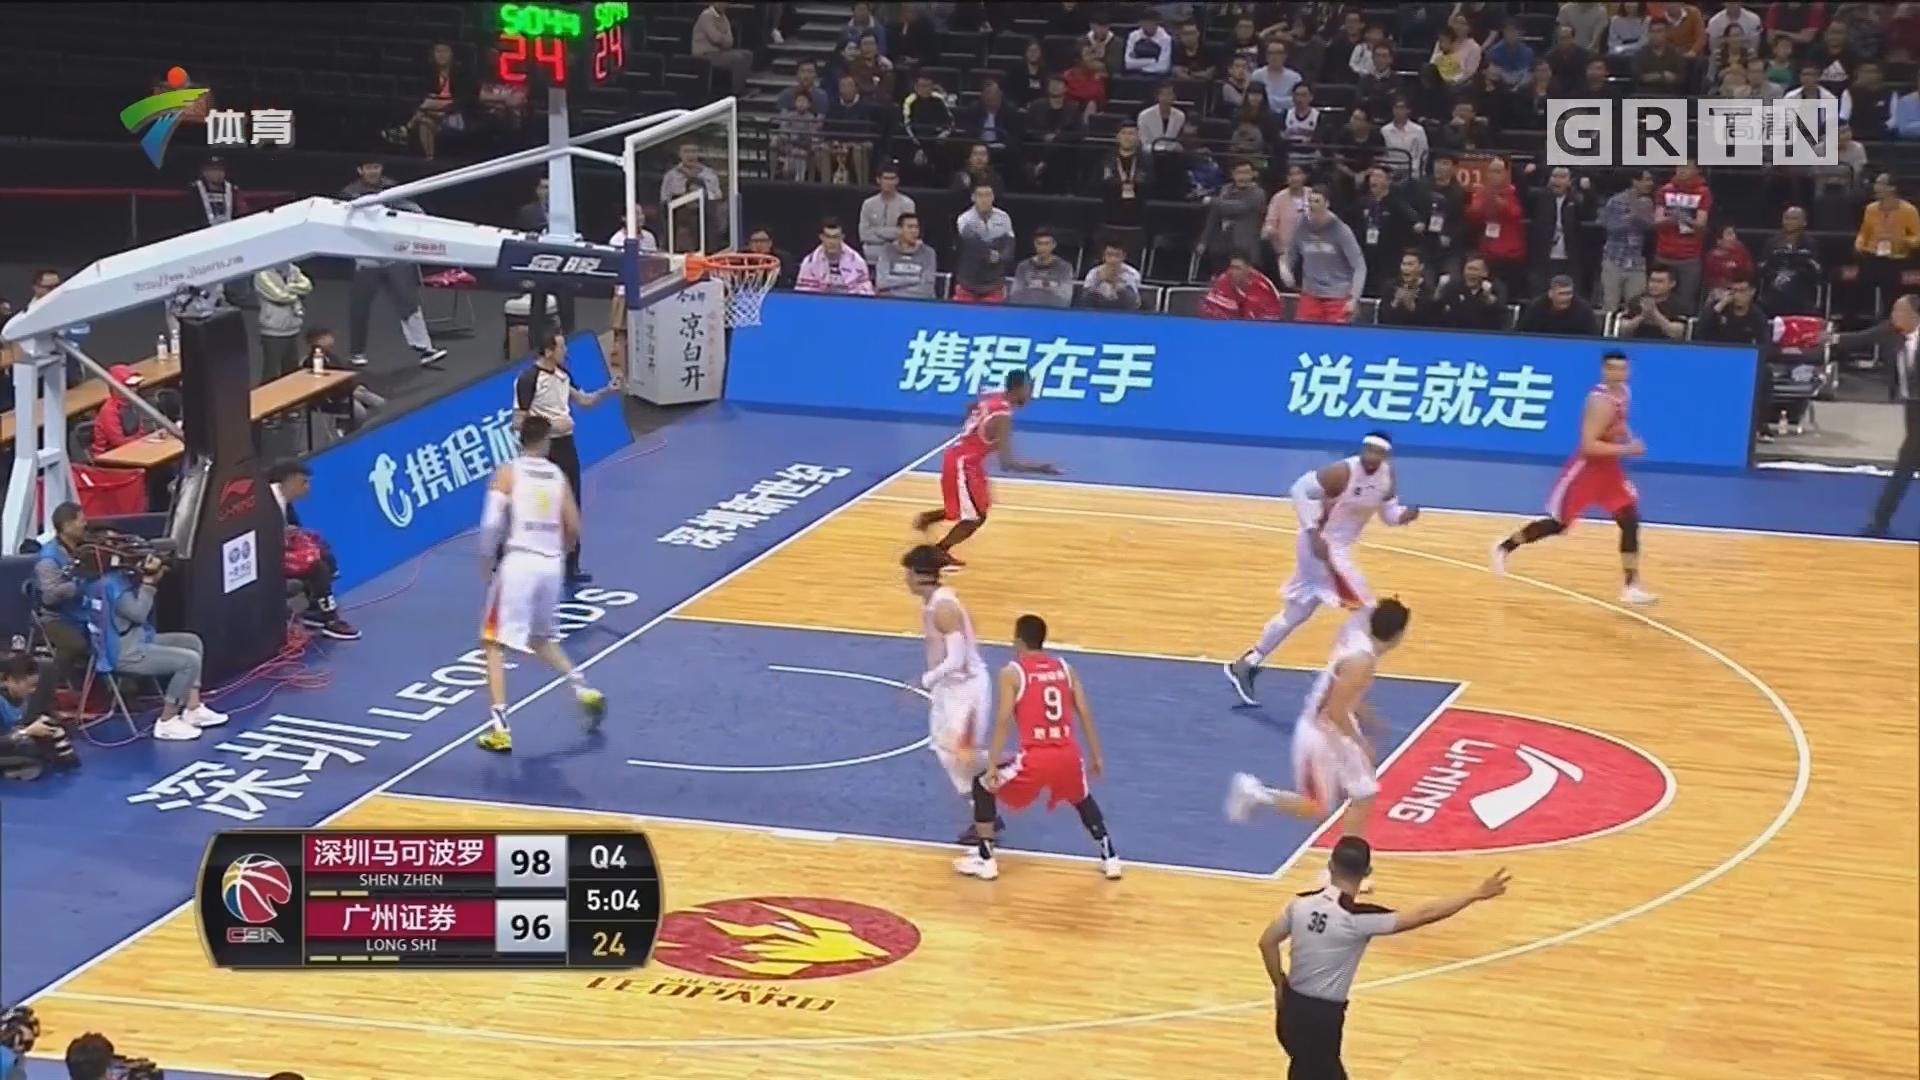 季后赛附加赛 深圳首战胜龙狮